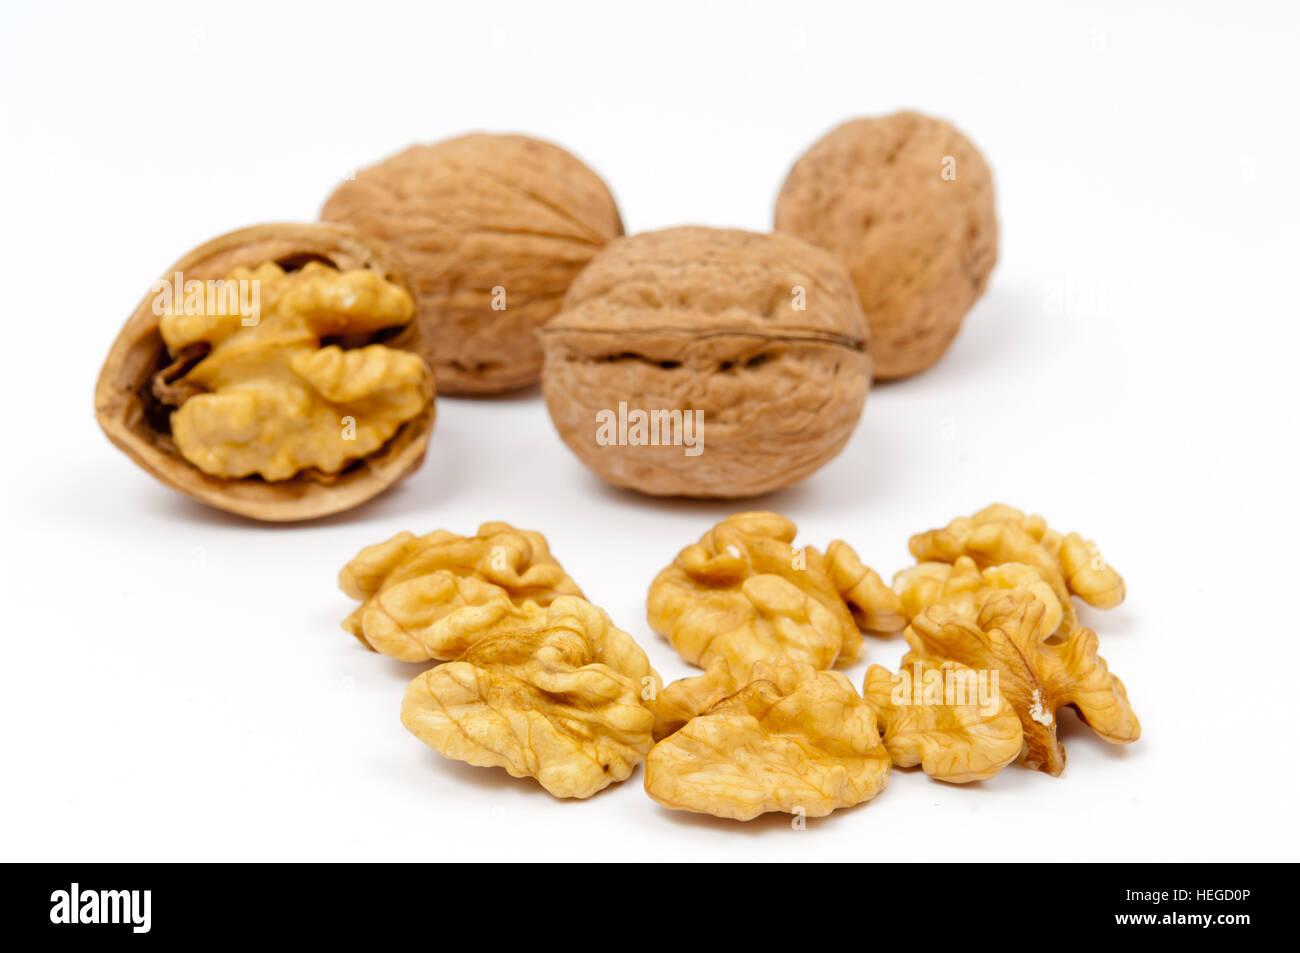 Whole walnuts and walnut kernels on white background - Stock Image